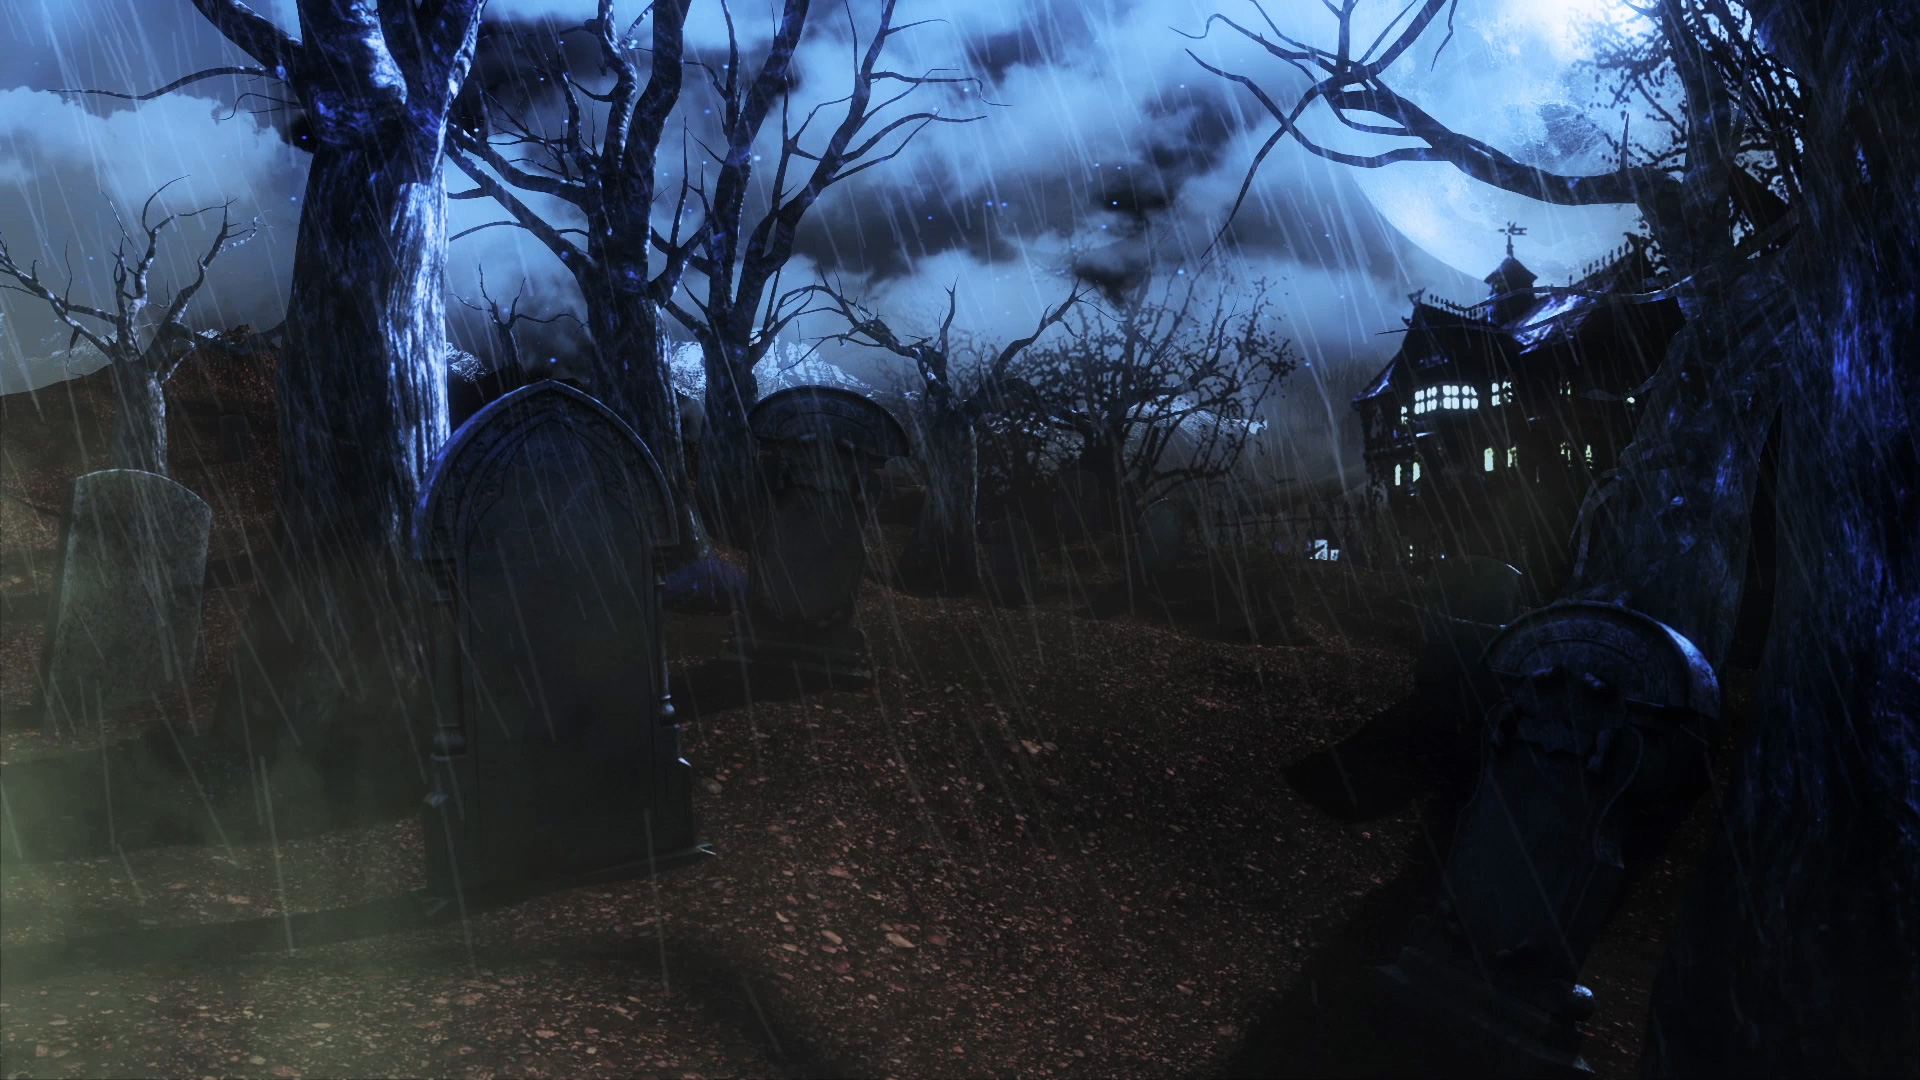 cemetery living trees - pixelboom